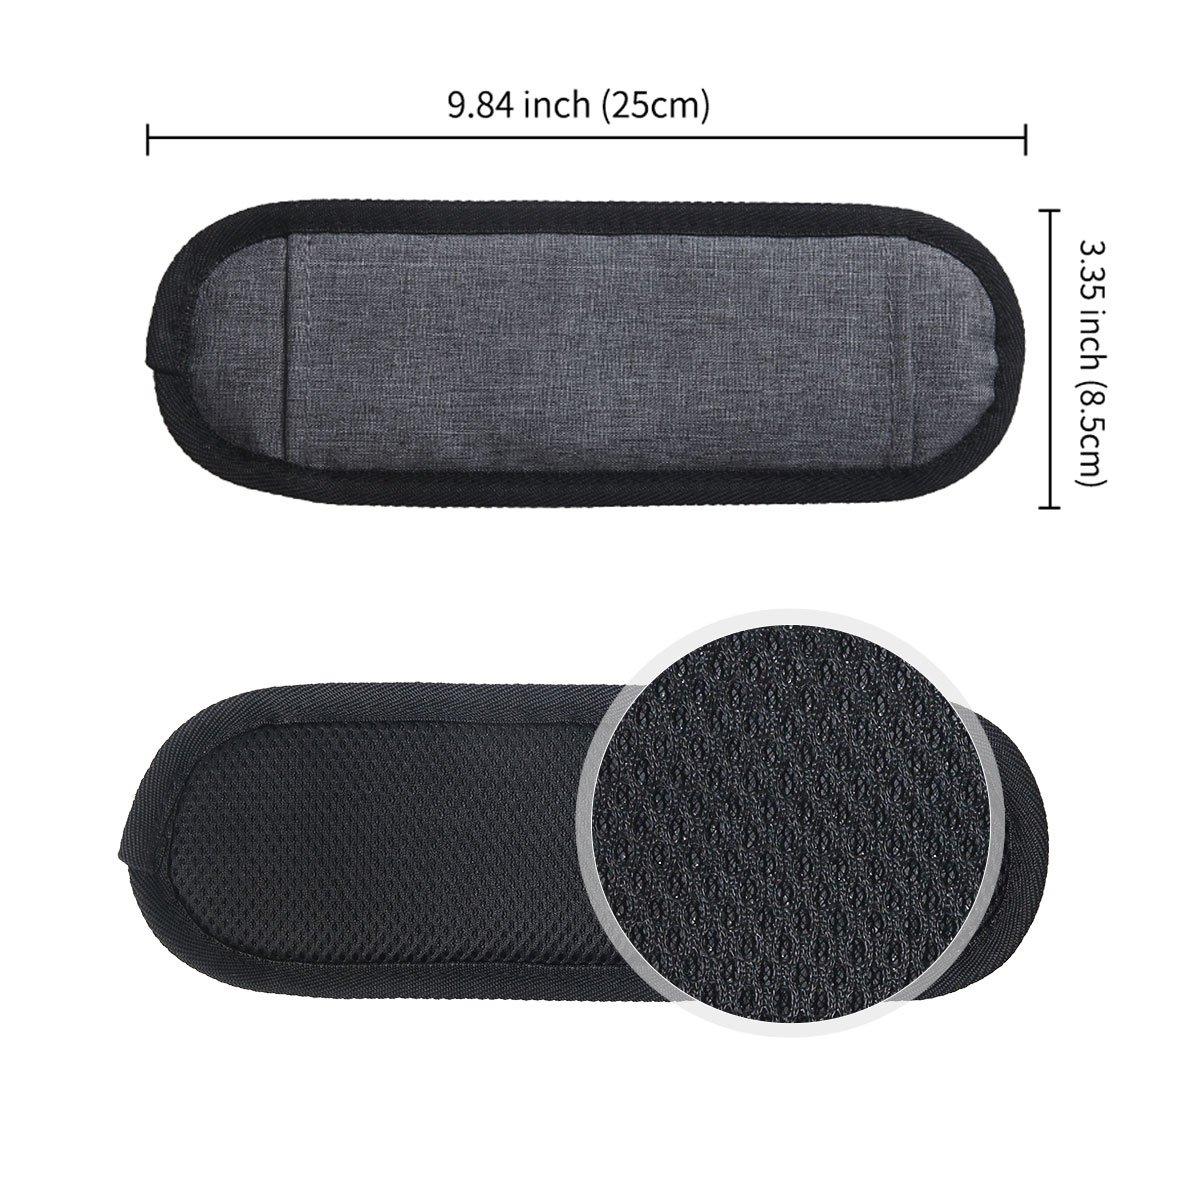 Negro con con Ganchos giratorios de Metal y Almohadilla Antideslizante JAKAGO Correa de Hombro de Repuesto Universal Ajustable Cintur/ón de Hombro para la Bolsa de Equipaje